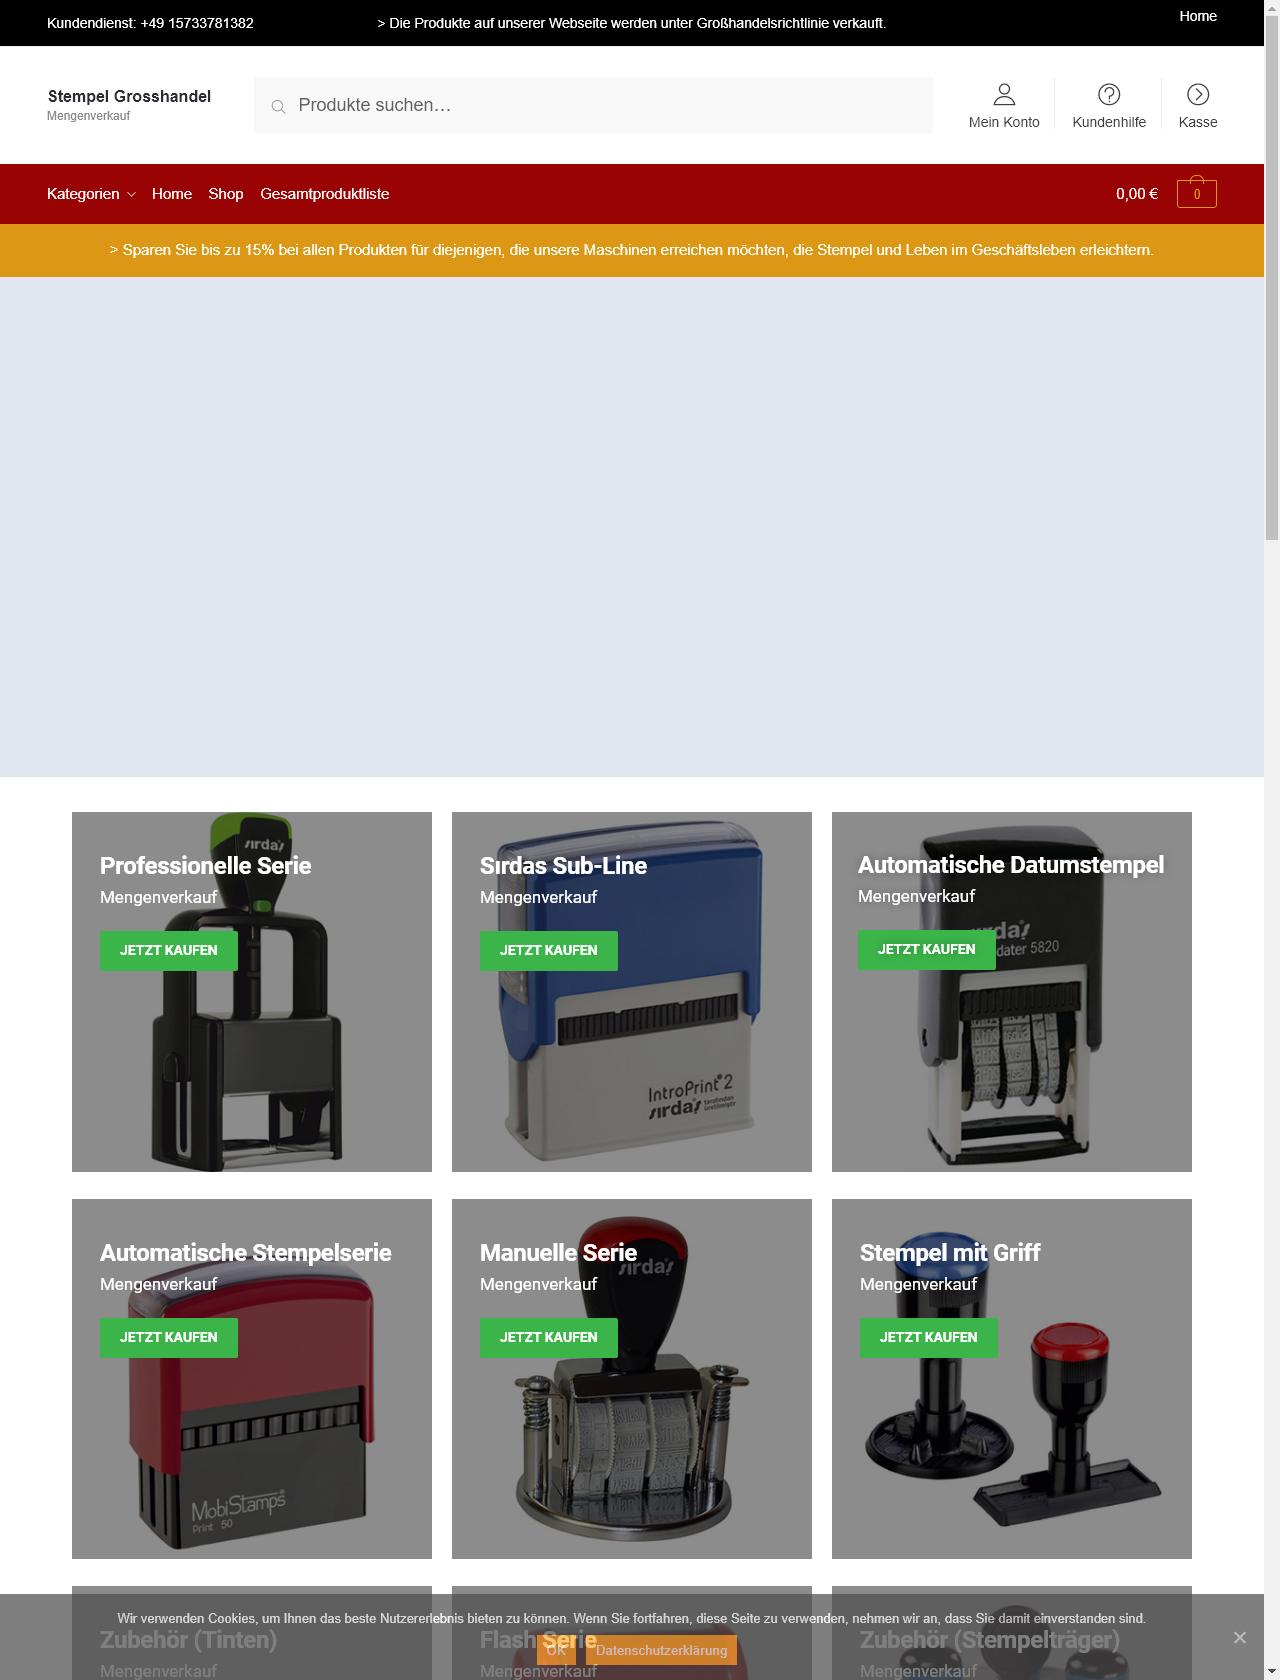 Screenshot Desktop - https://www.stempelgrosshandel.de/